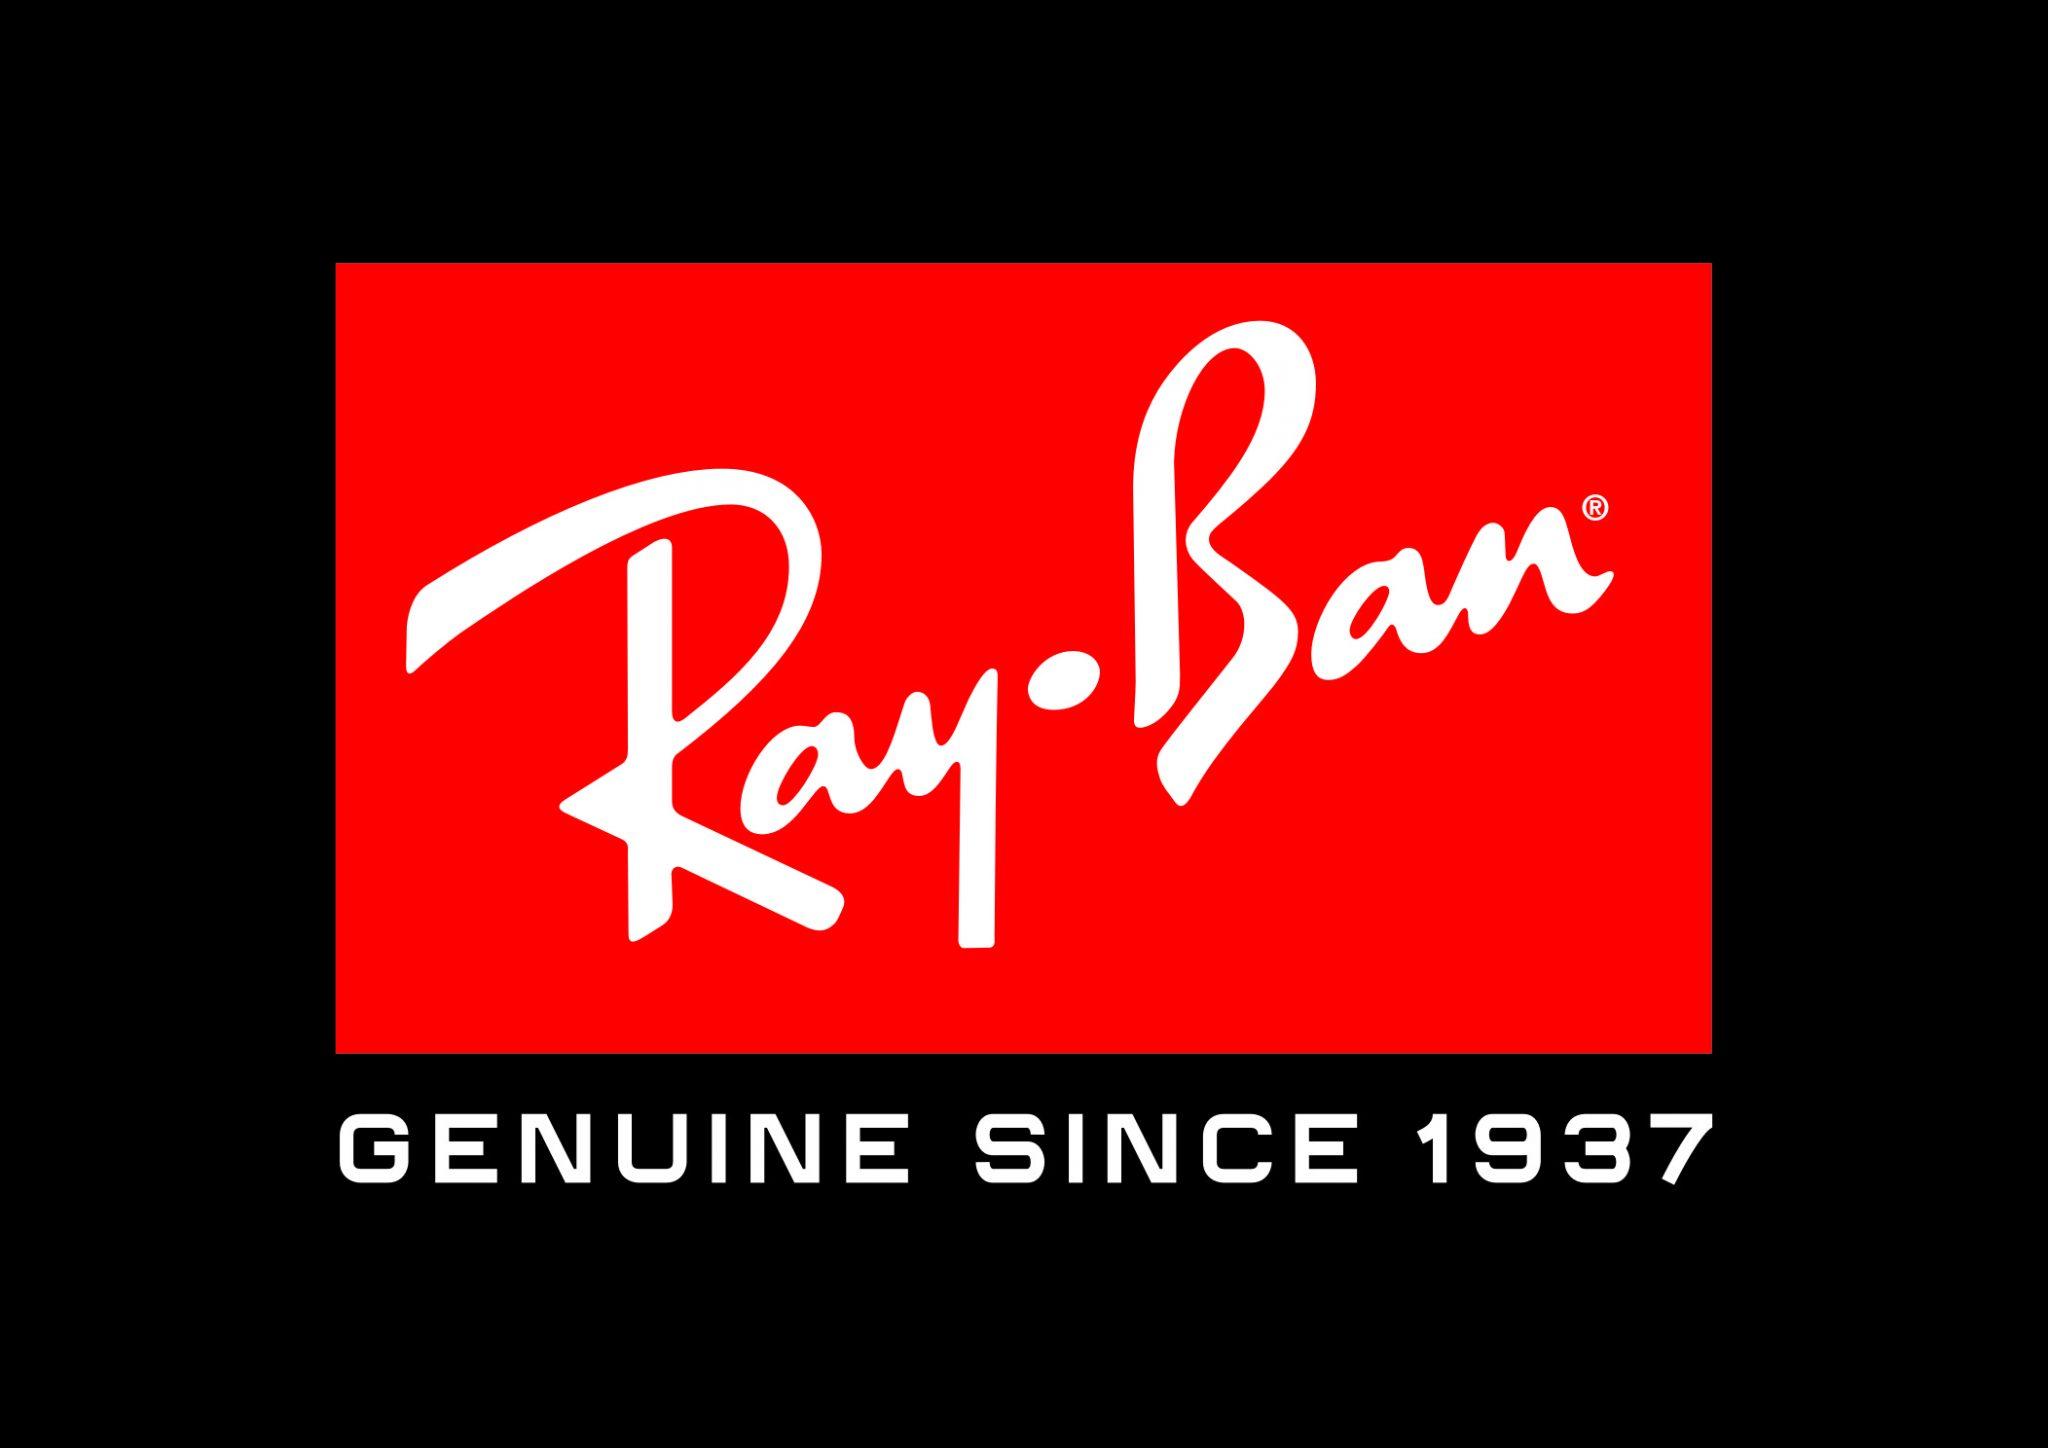 ray-ban-crni-logo